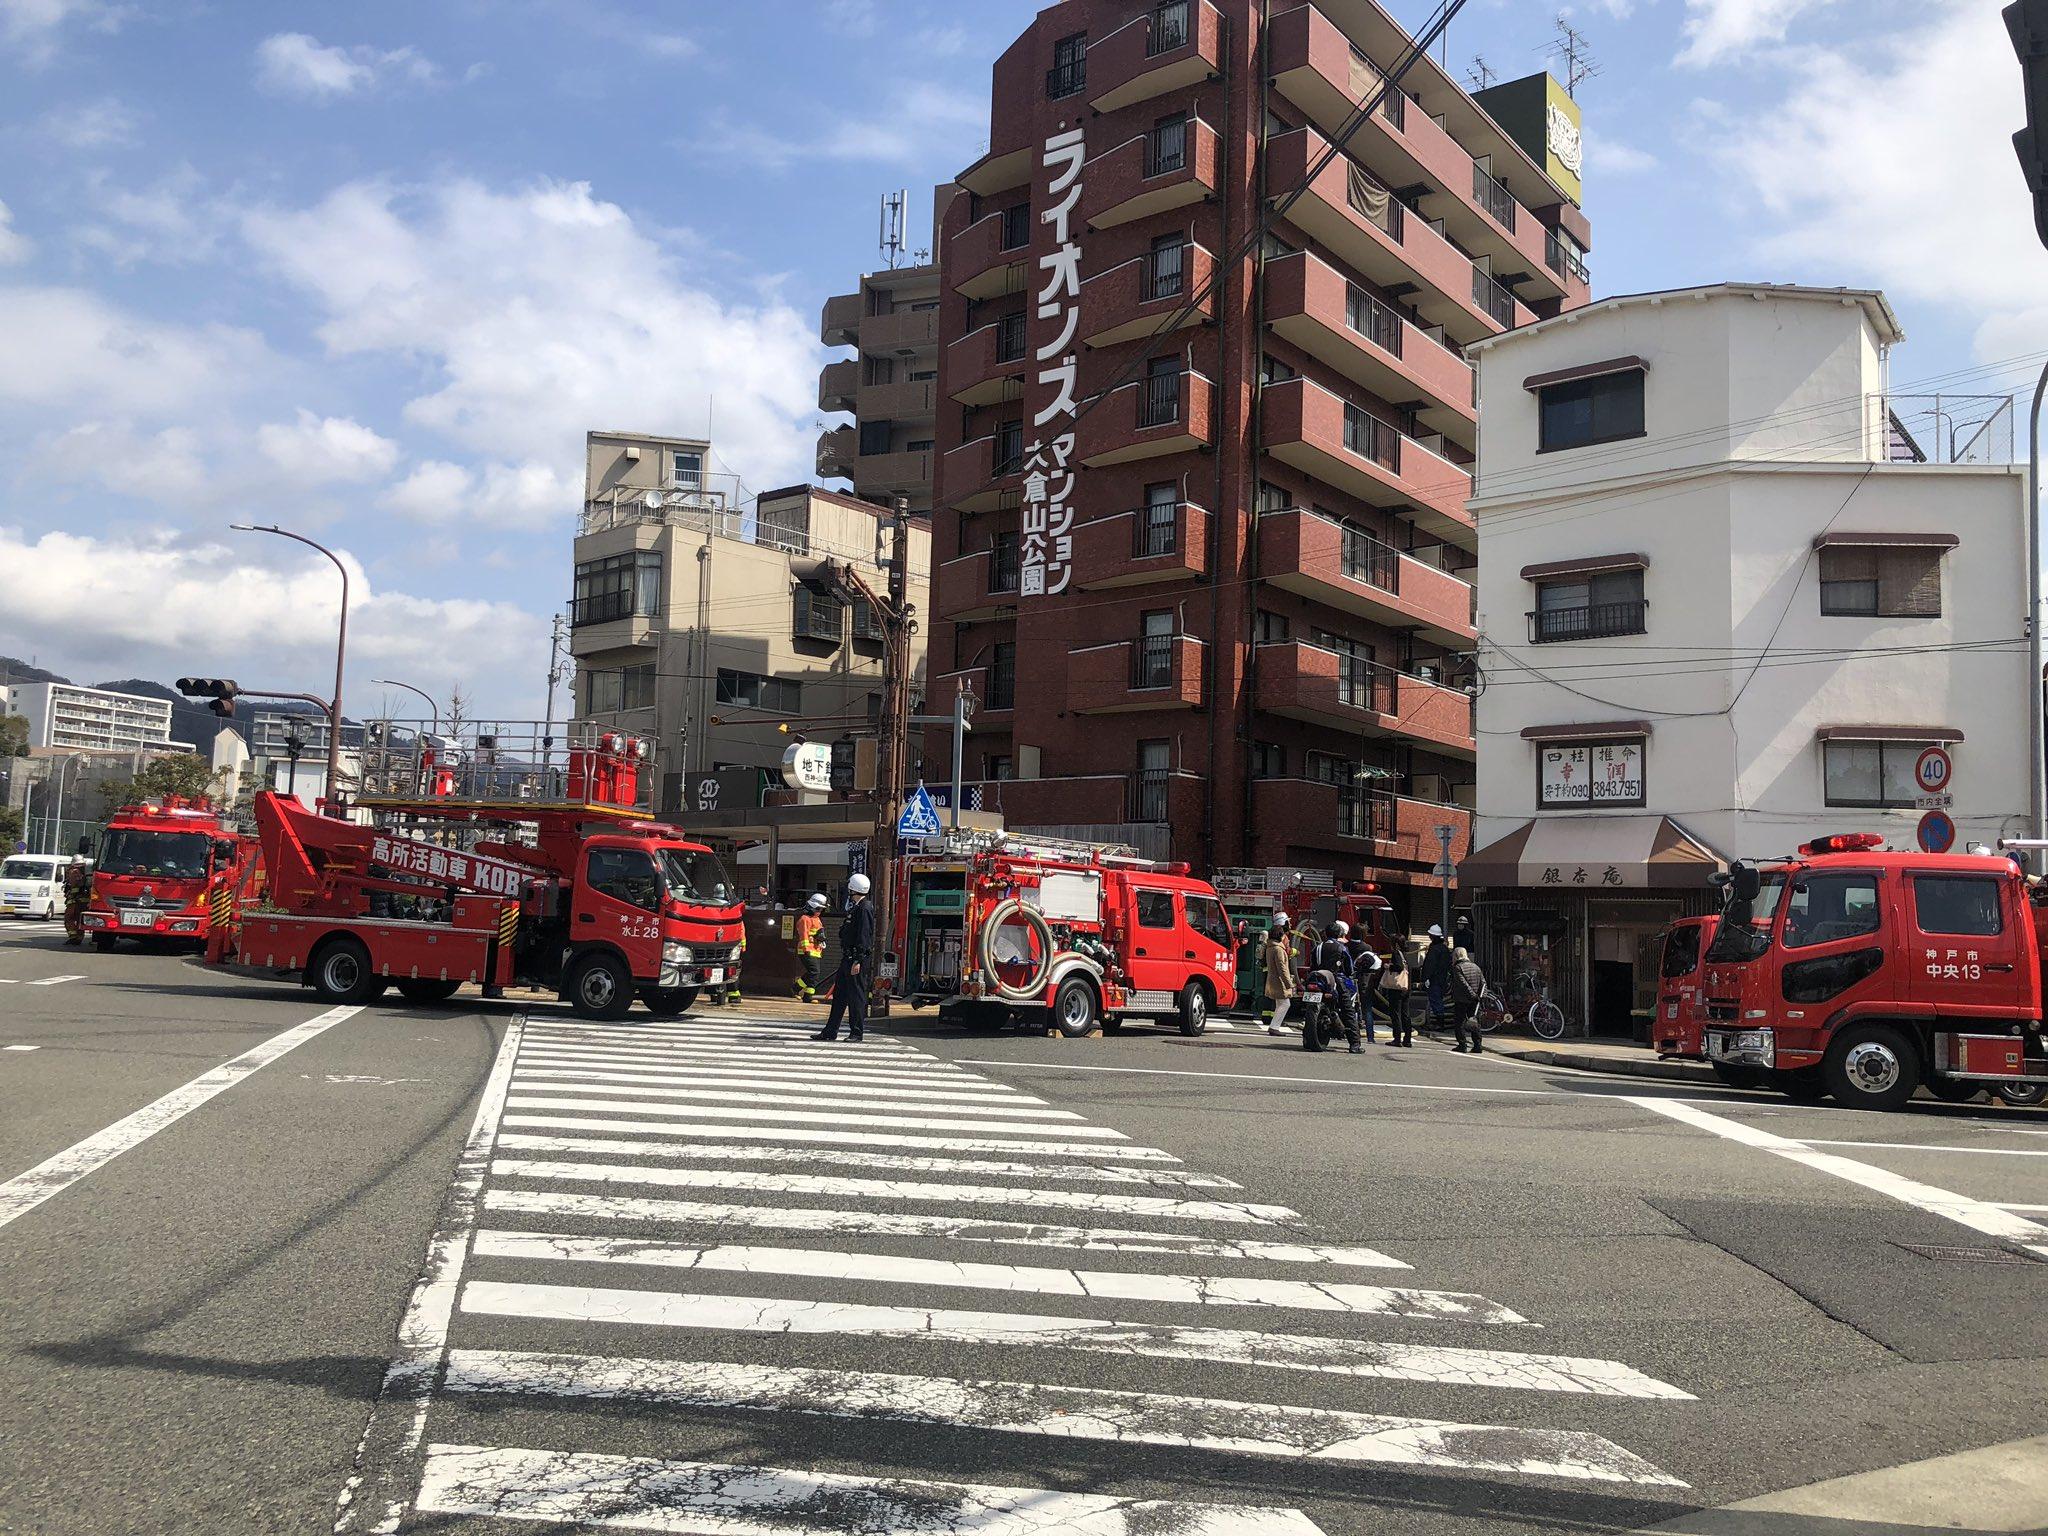 画像,大倉山で火事 https://t.co/IhSbai6tJR。